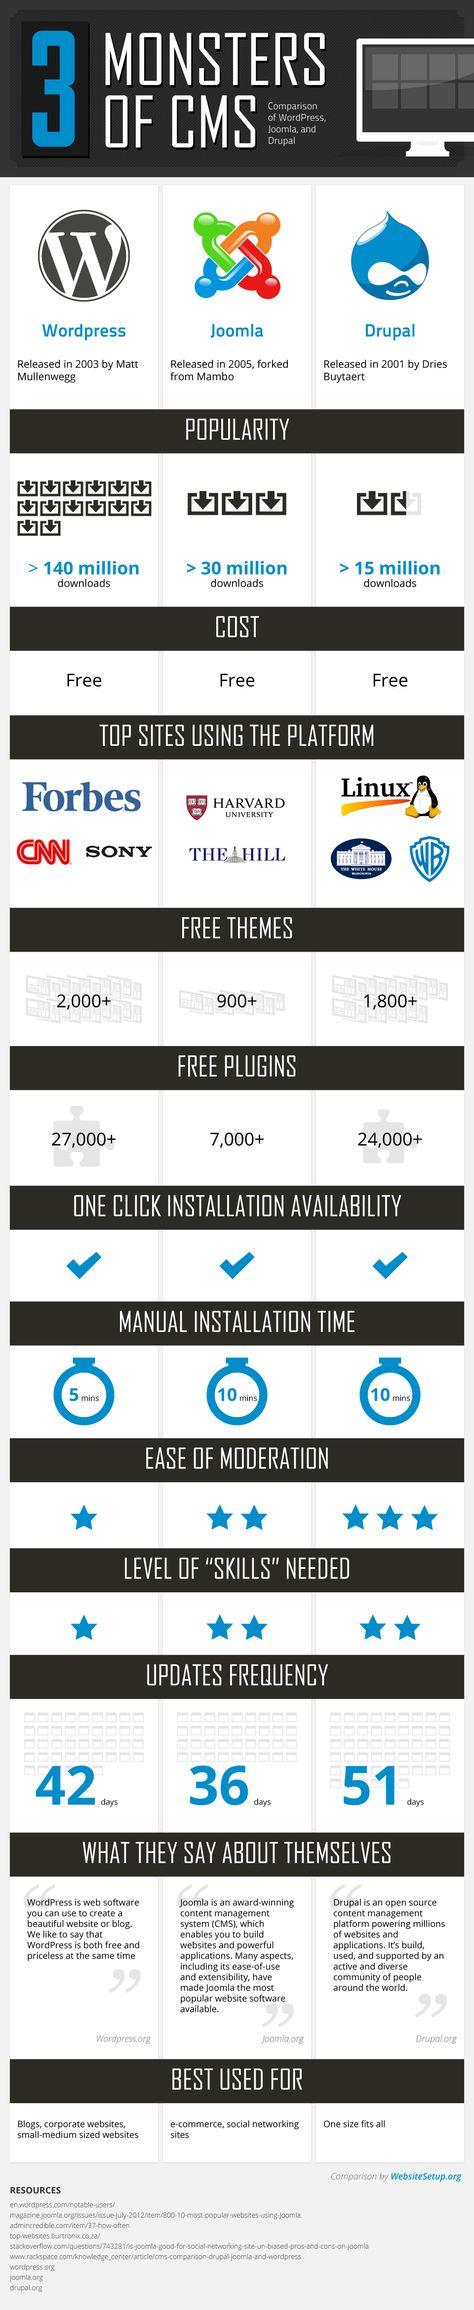 Comment créer un site web avec WordPress - Comment créer un site web avec Joomla -Comment créer un site web avec Drupal